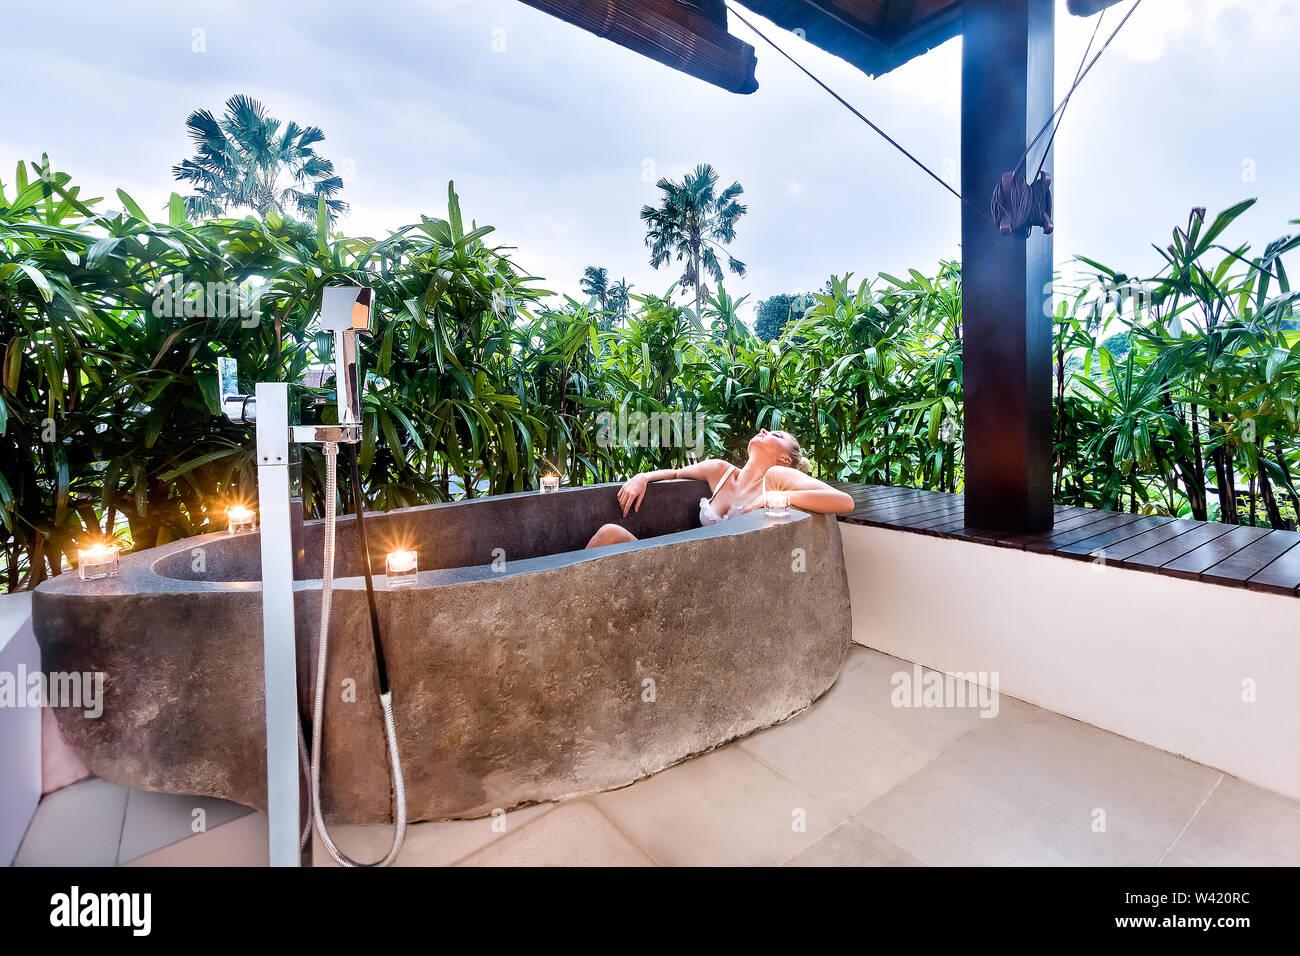 Jeune femme est de prendre un repos dans un bain à remous en pierre avec bougie clignotante autour d'elle et couvert de plantes vertes Photo Stock